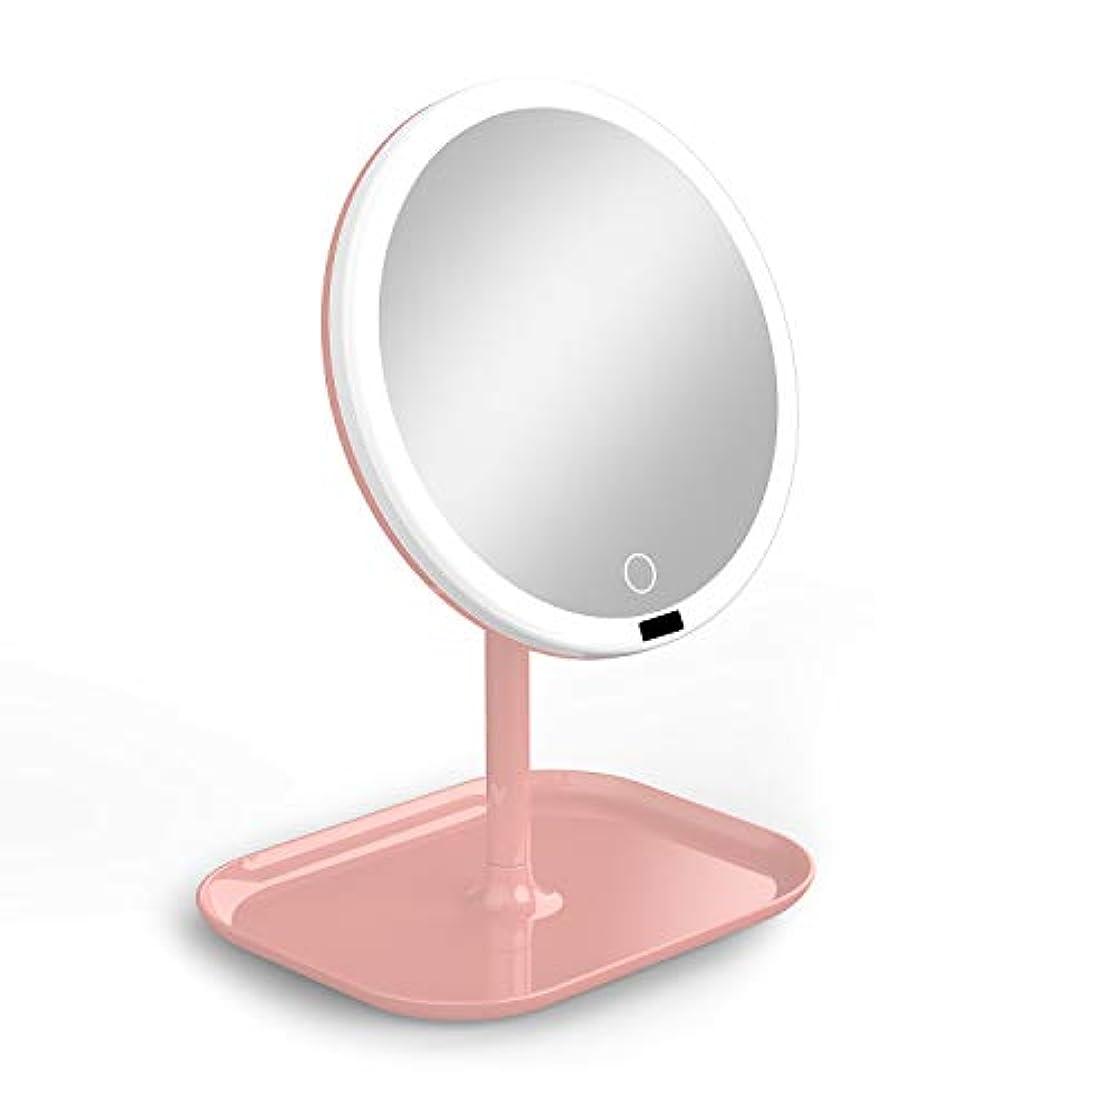 セール一時解雇するバストLa Farah 化粧鏡 化粧ミラー LEDライト付き 卓上鏡 女優ミラー 3段階明るさ調節可能 180度回転 コードレス 充電式 円型